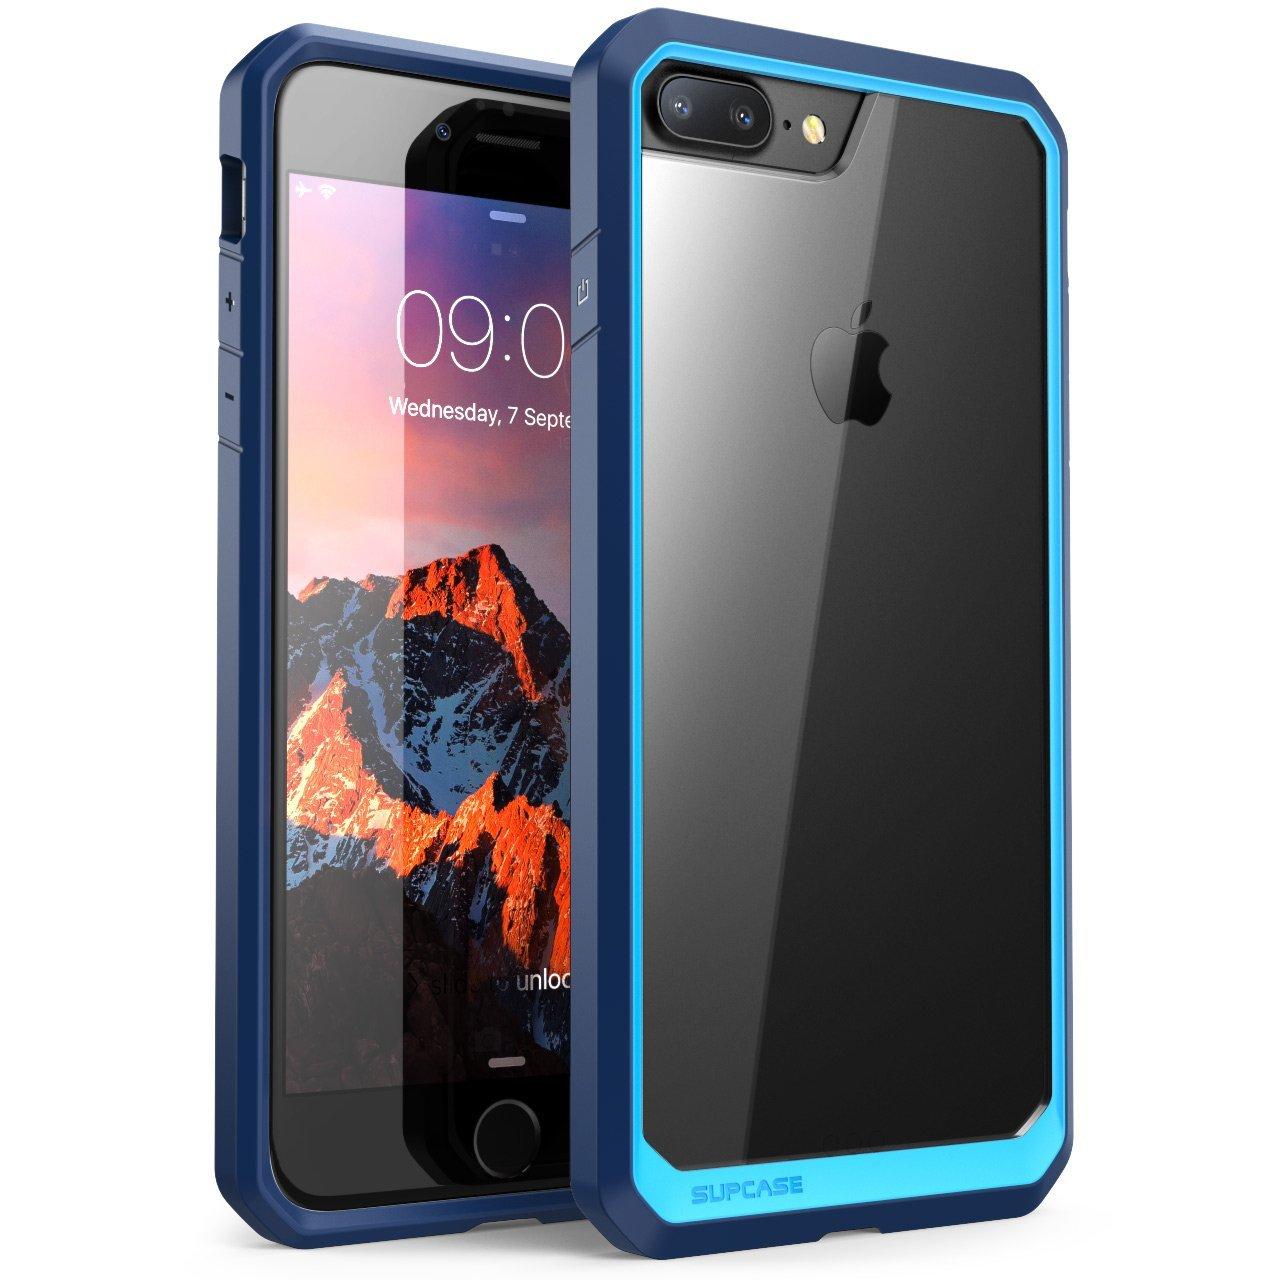 Iphone 7 Plus Case, iPhone 8 Plus Case, SUPCASE Unicorn Beetle Series Premium Hybrid Protective